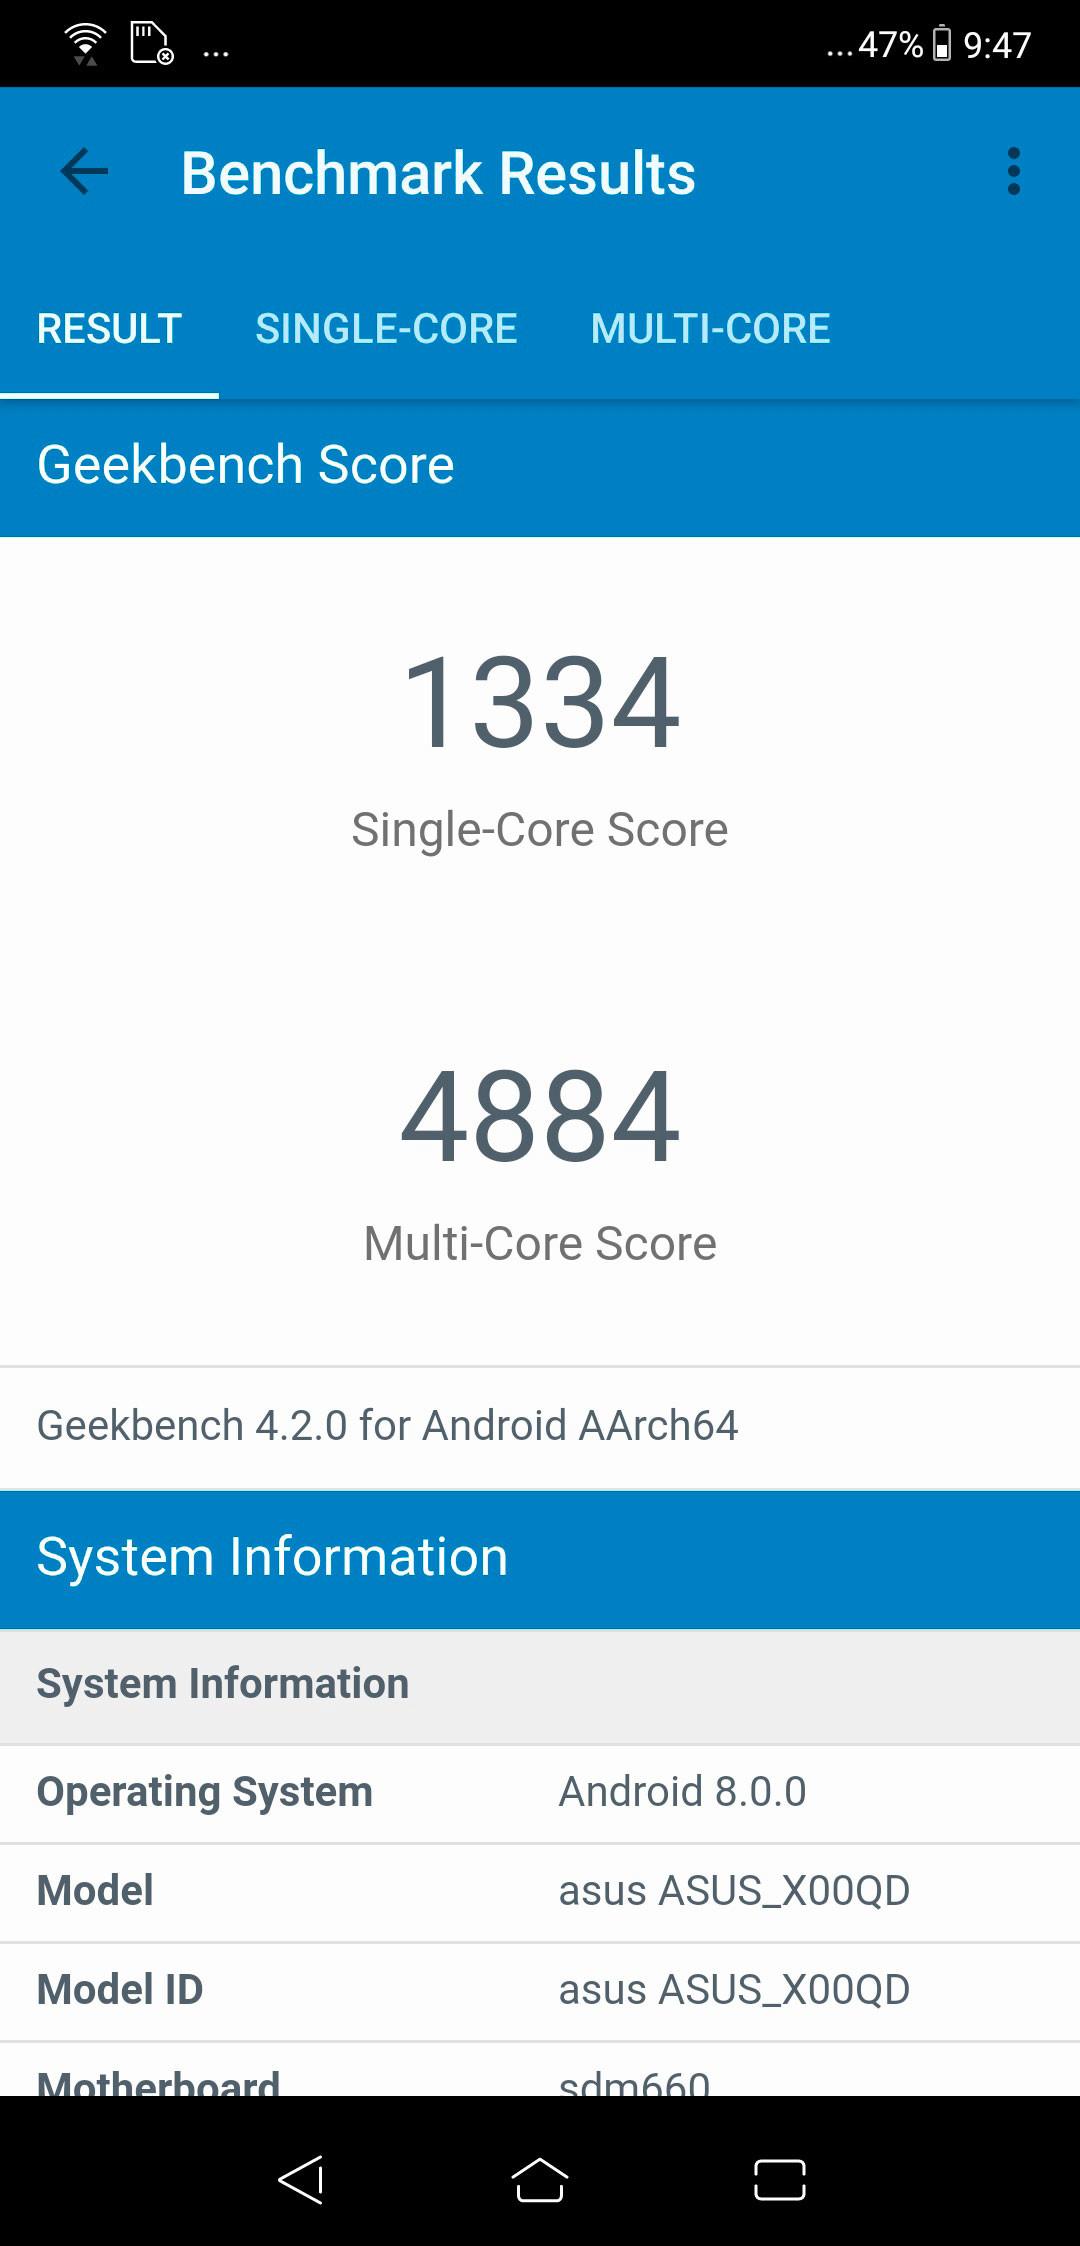 ASUS Zenfone 5, benchmarks